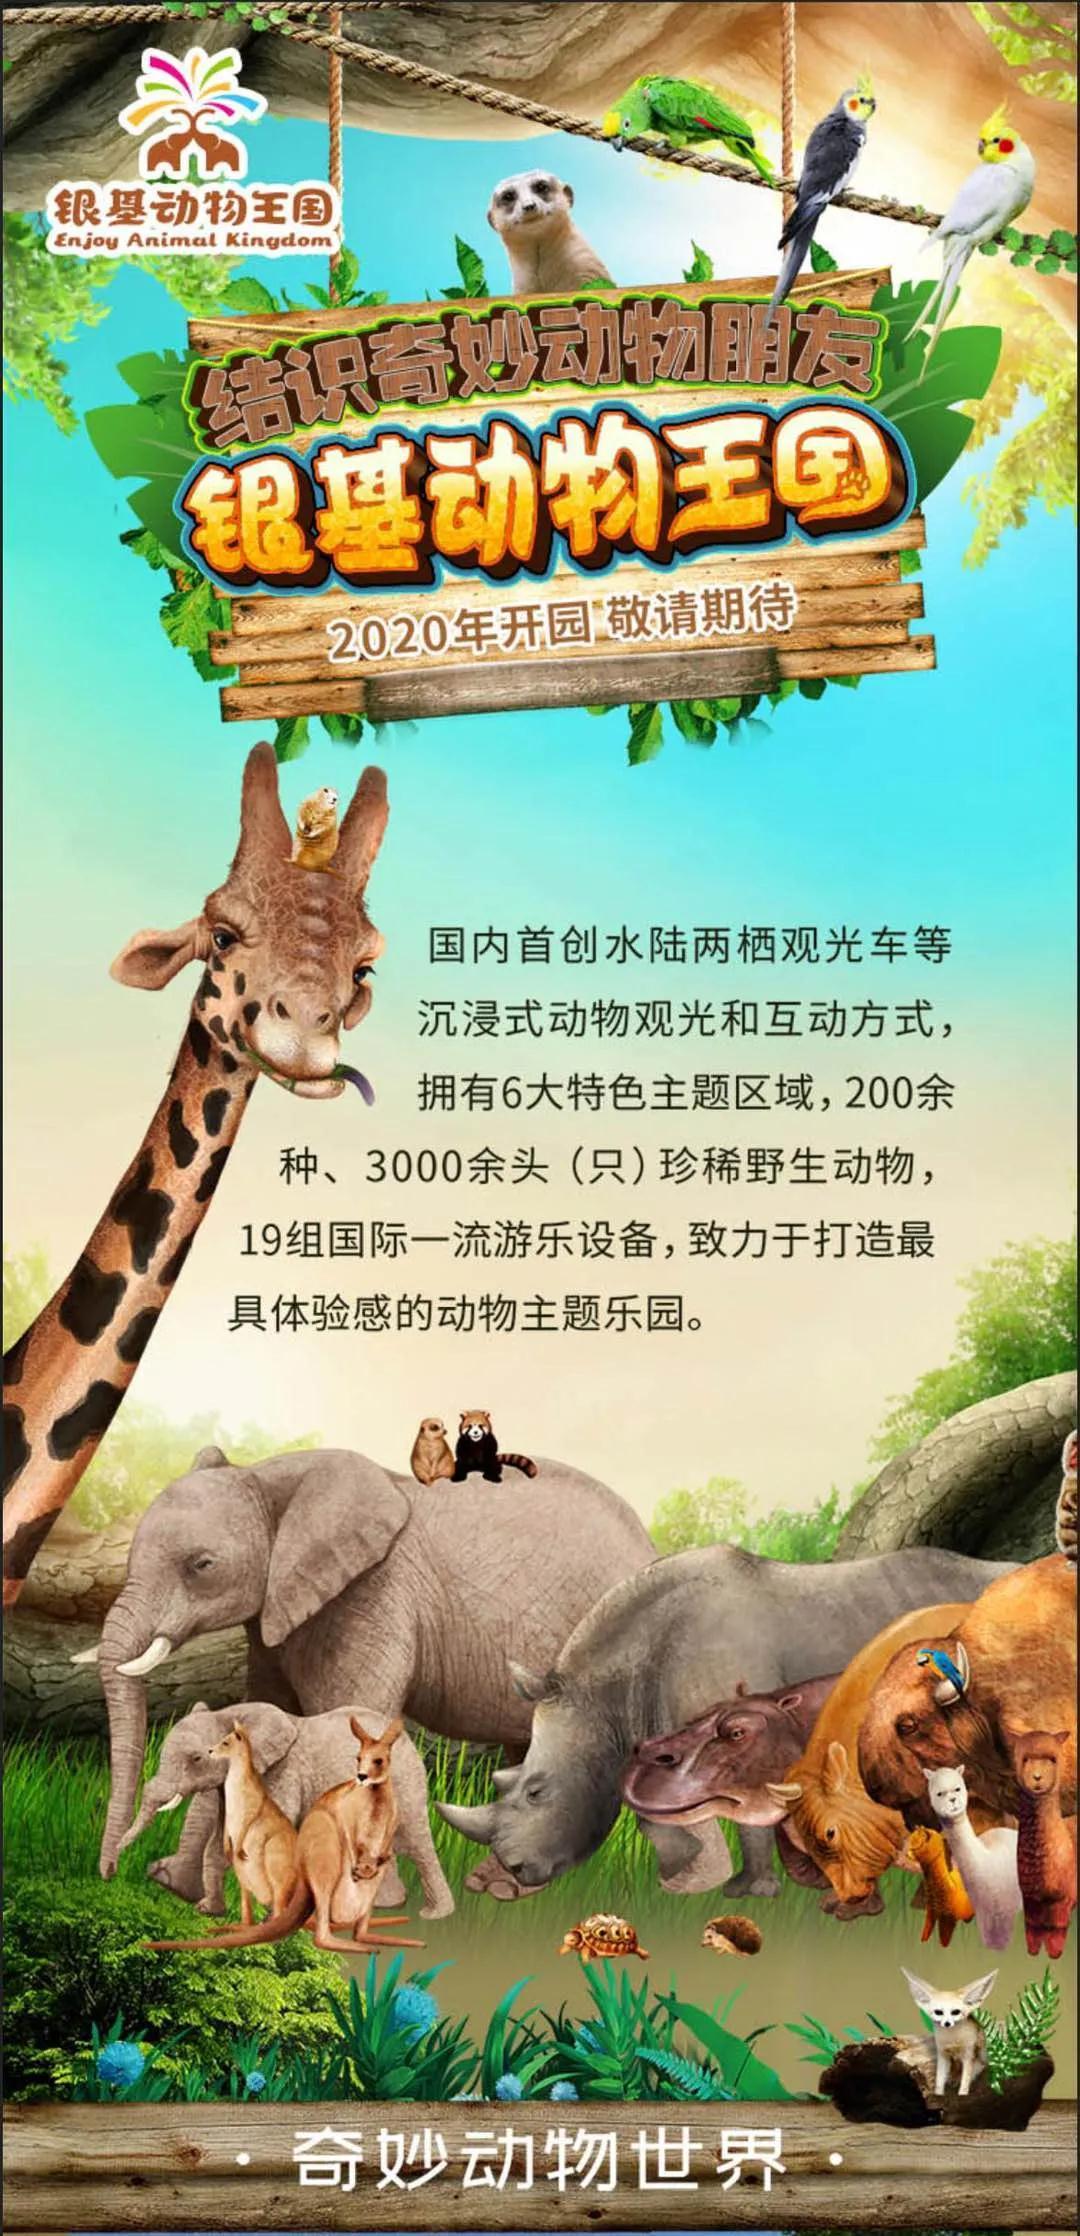 郑州银基动物王国什么时候开业?银基动物王国在哪里?